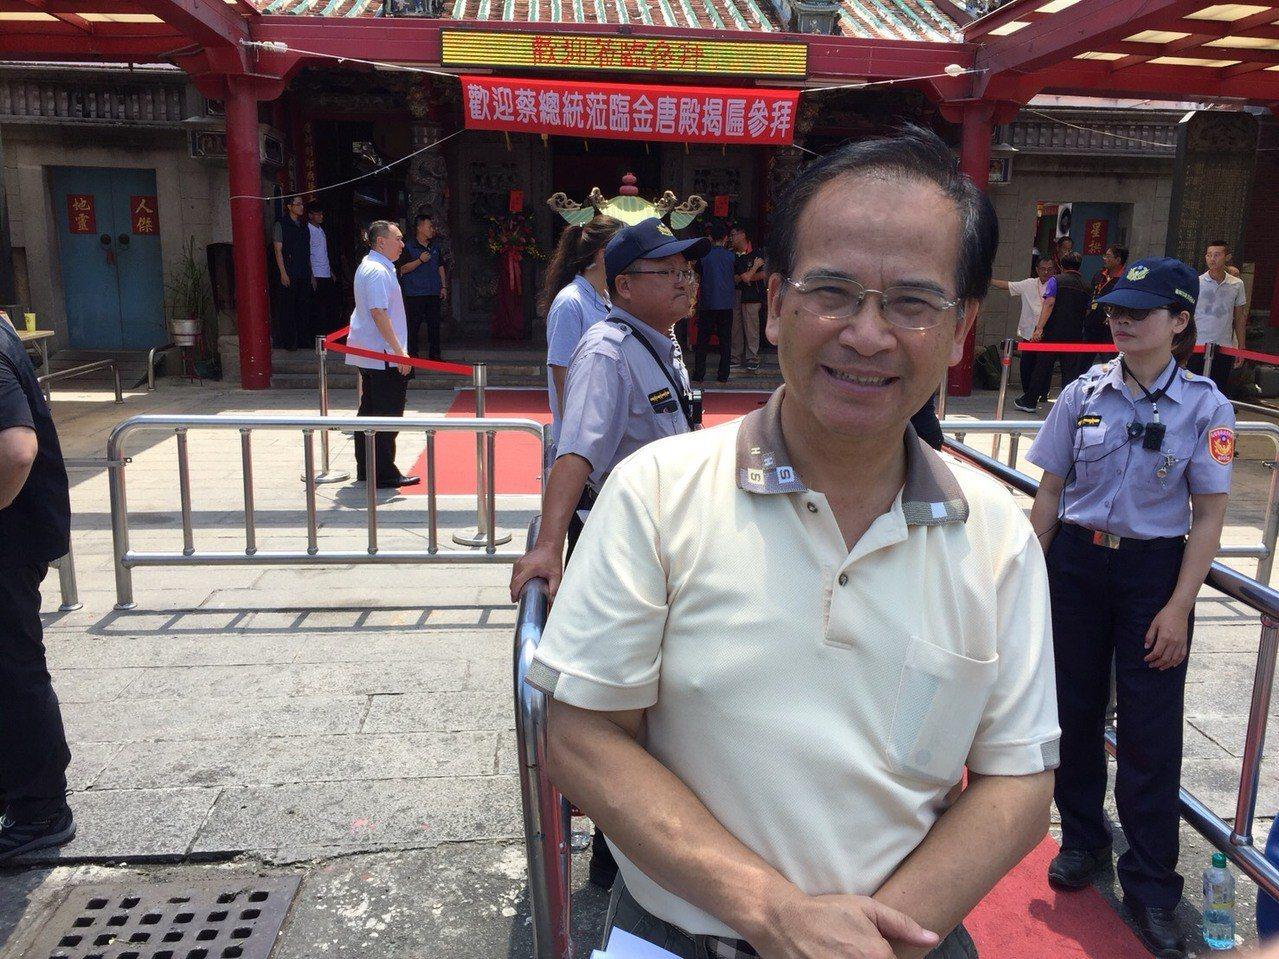 前台南縣長蘇煥智在金唐殿前。圖/翻攝自Line群組